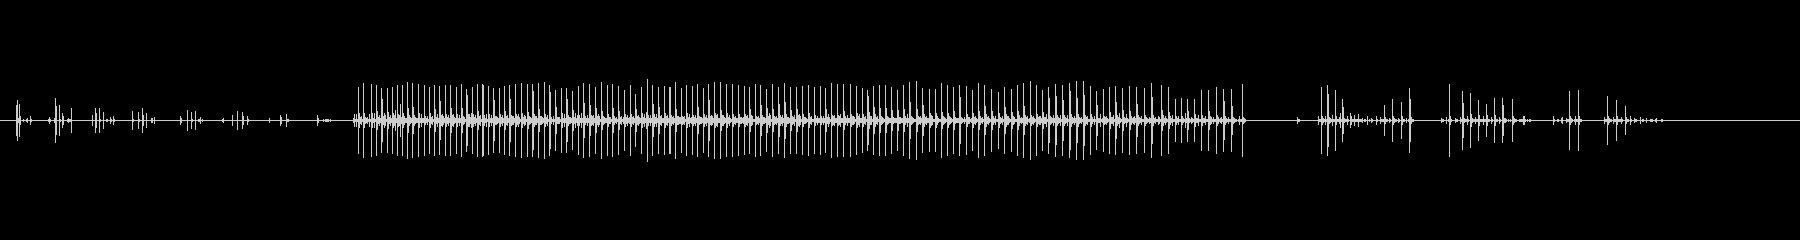 おもちゃ-猿の終わり-ドラム)遊ぶの未再生の波形